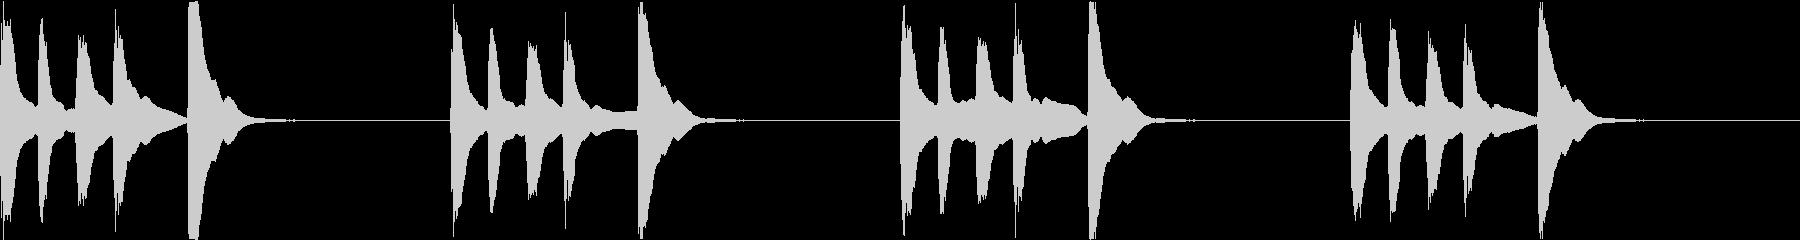 シンプル ベル 着信音 チャイム C-6の未再生の波形